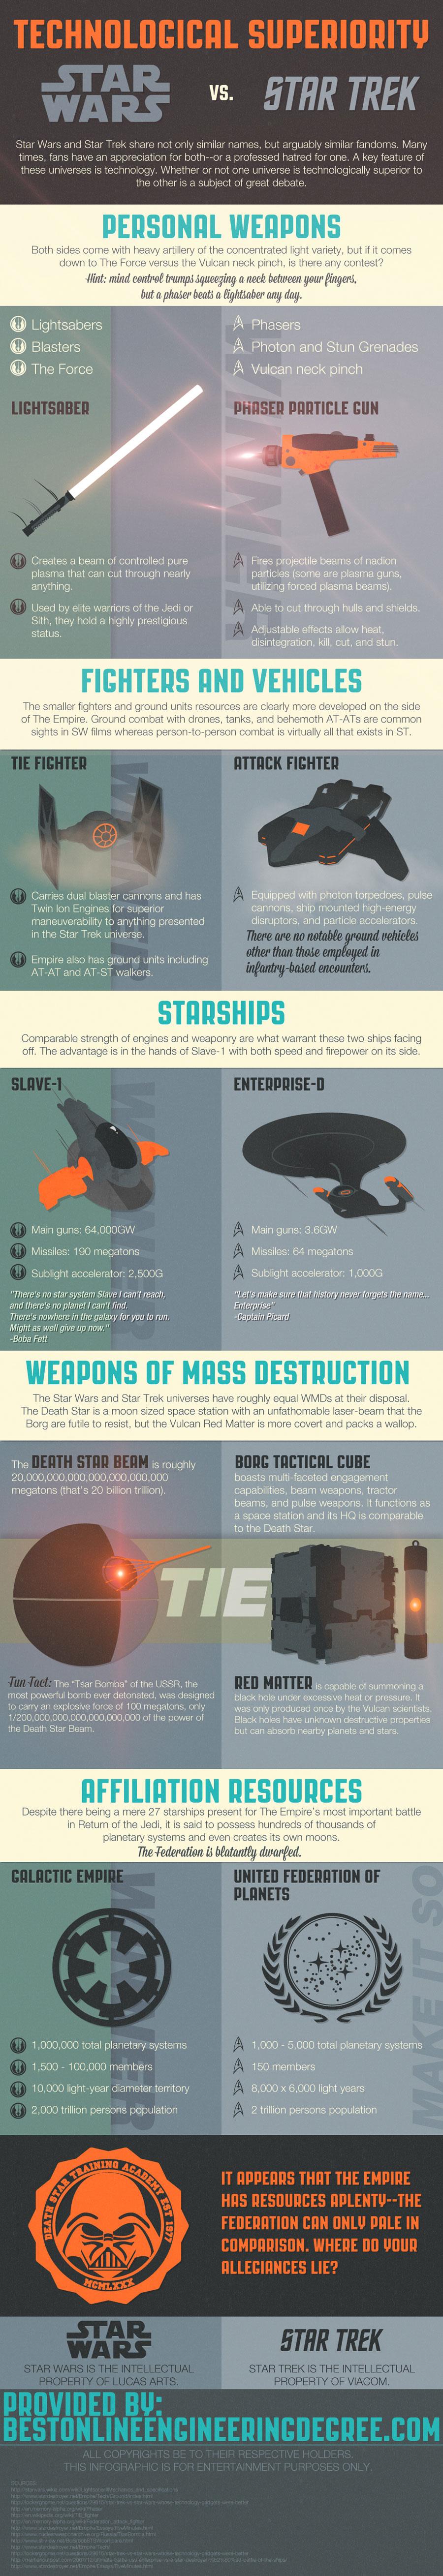 Technological Superiority: Star Wars Vs Star Trek